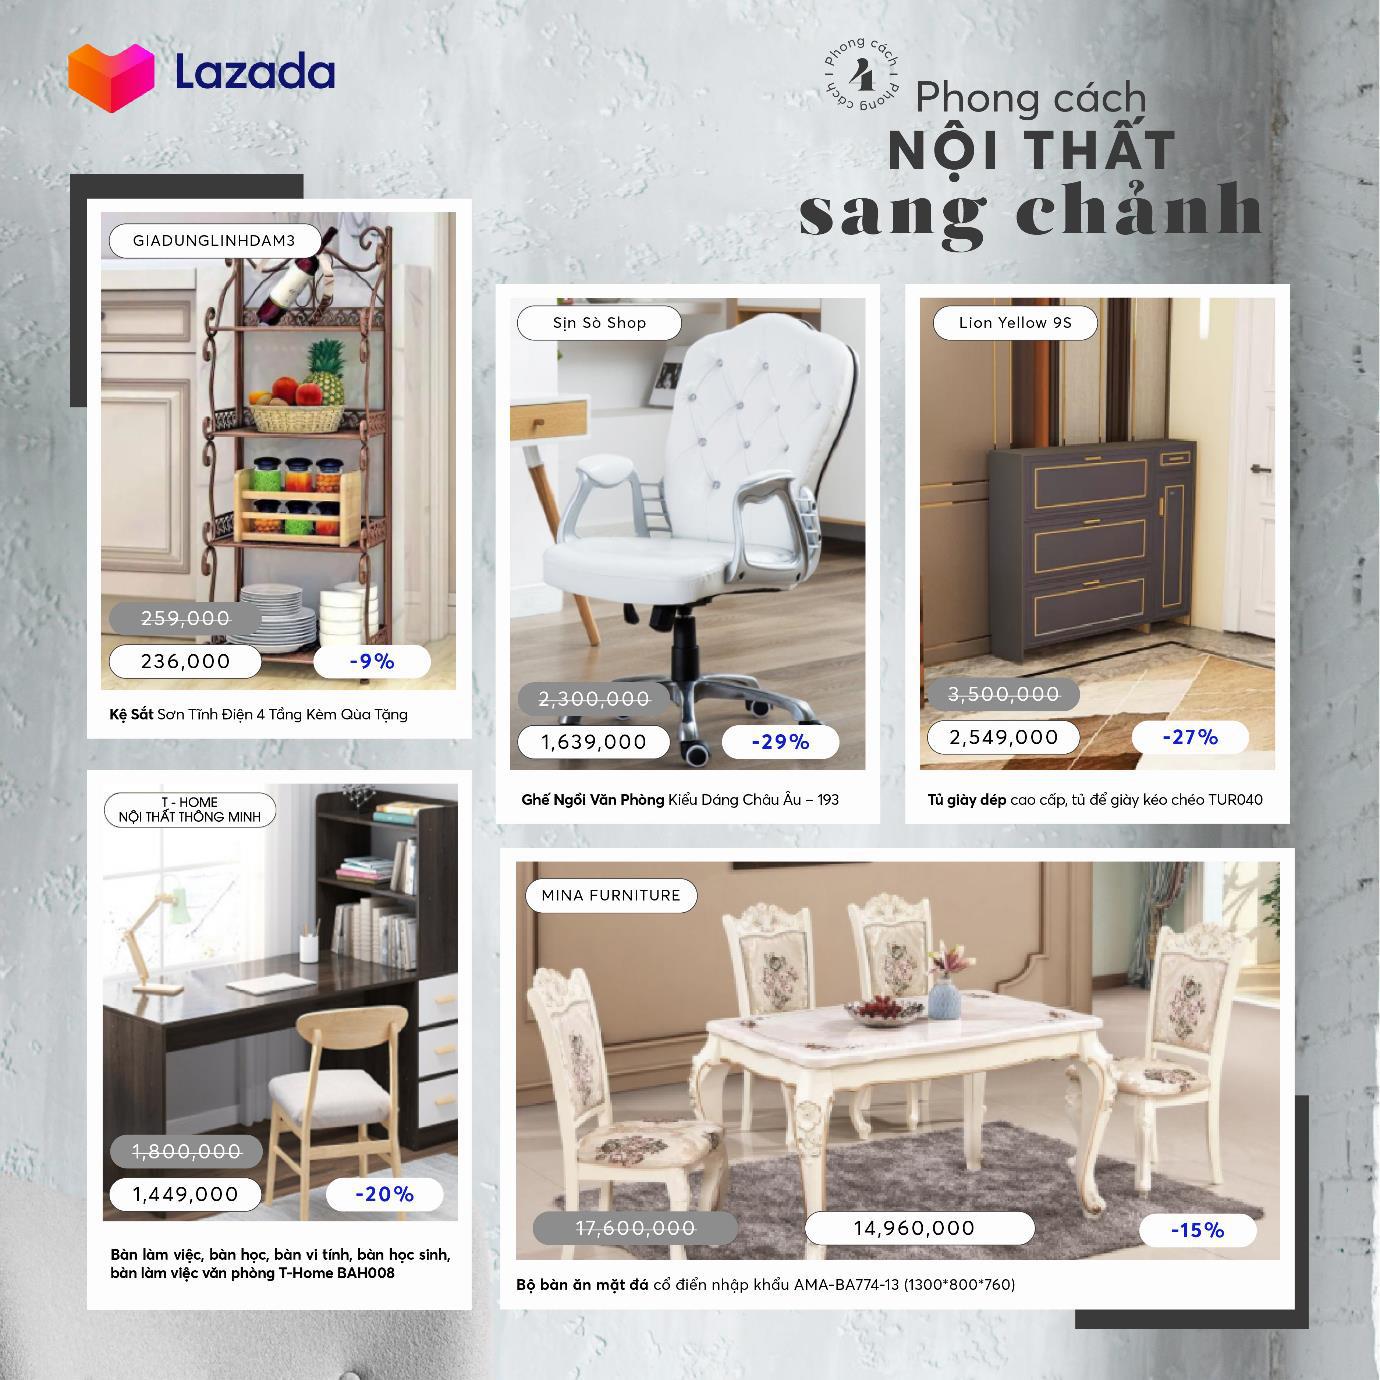 6 phong cách decor nhà cửa đón Tết và loạt đồ nội thất sale đẫm không thể bỏ qua - Ảnh 4.